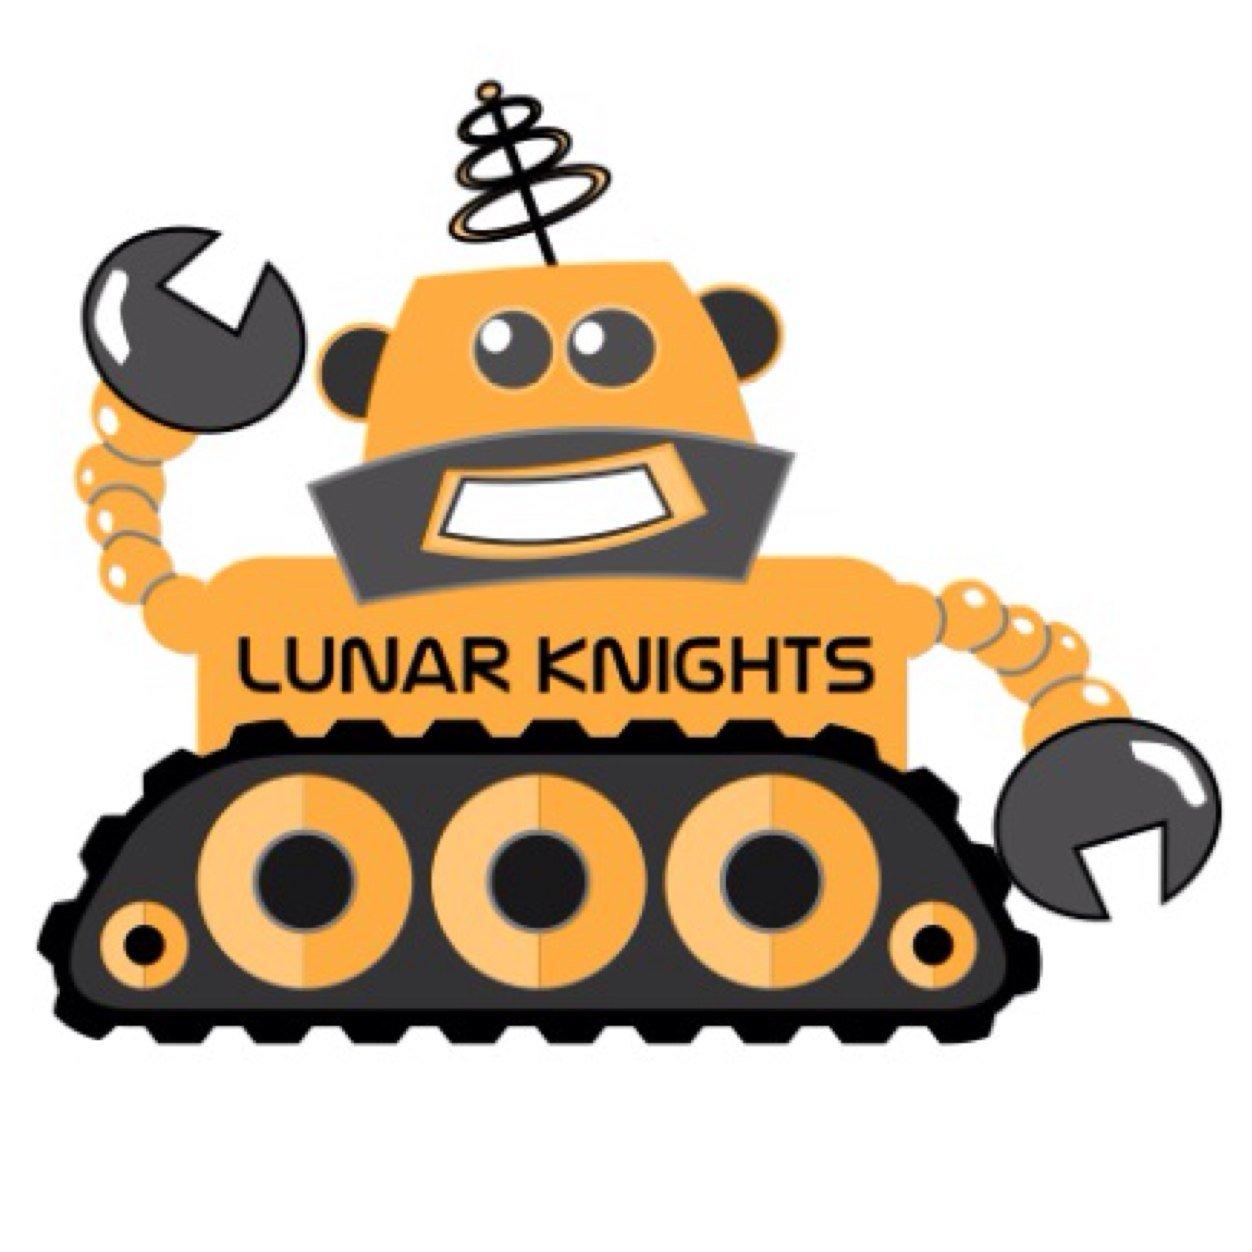 Lunar Knights at UCF